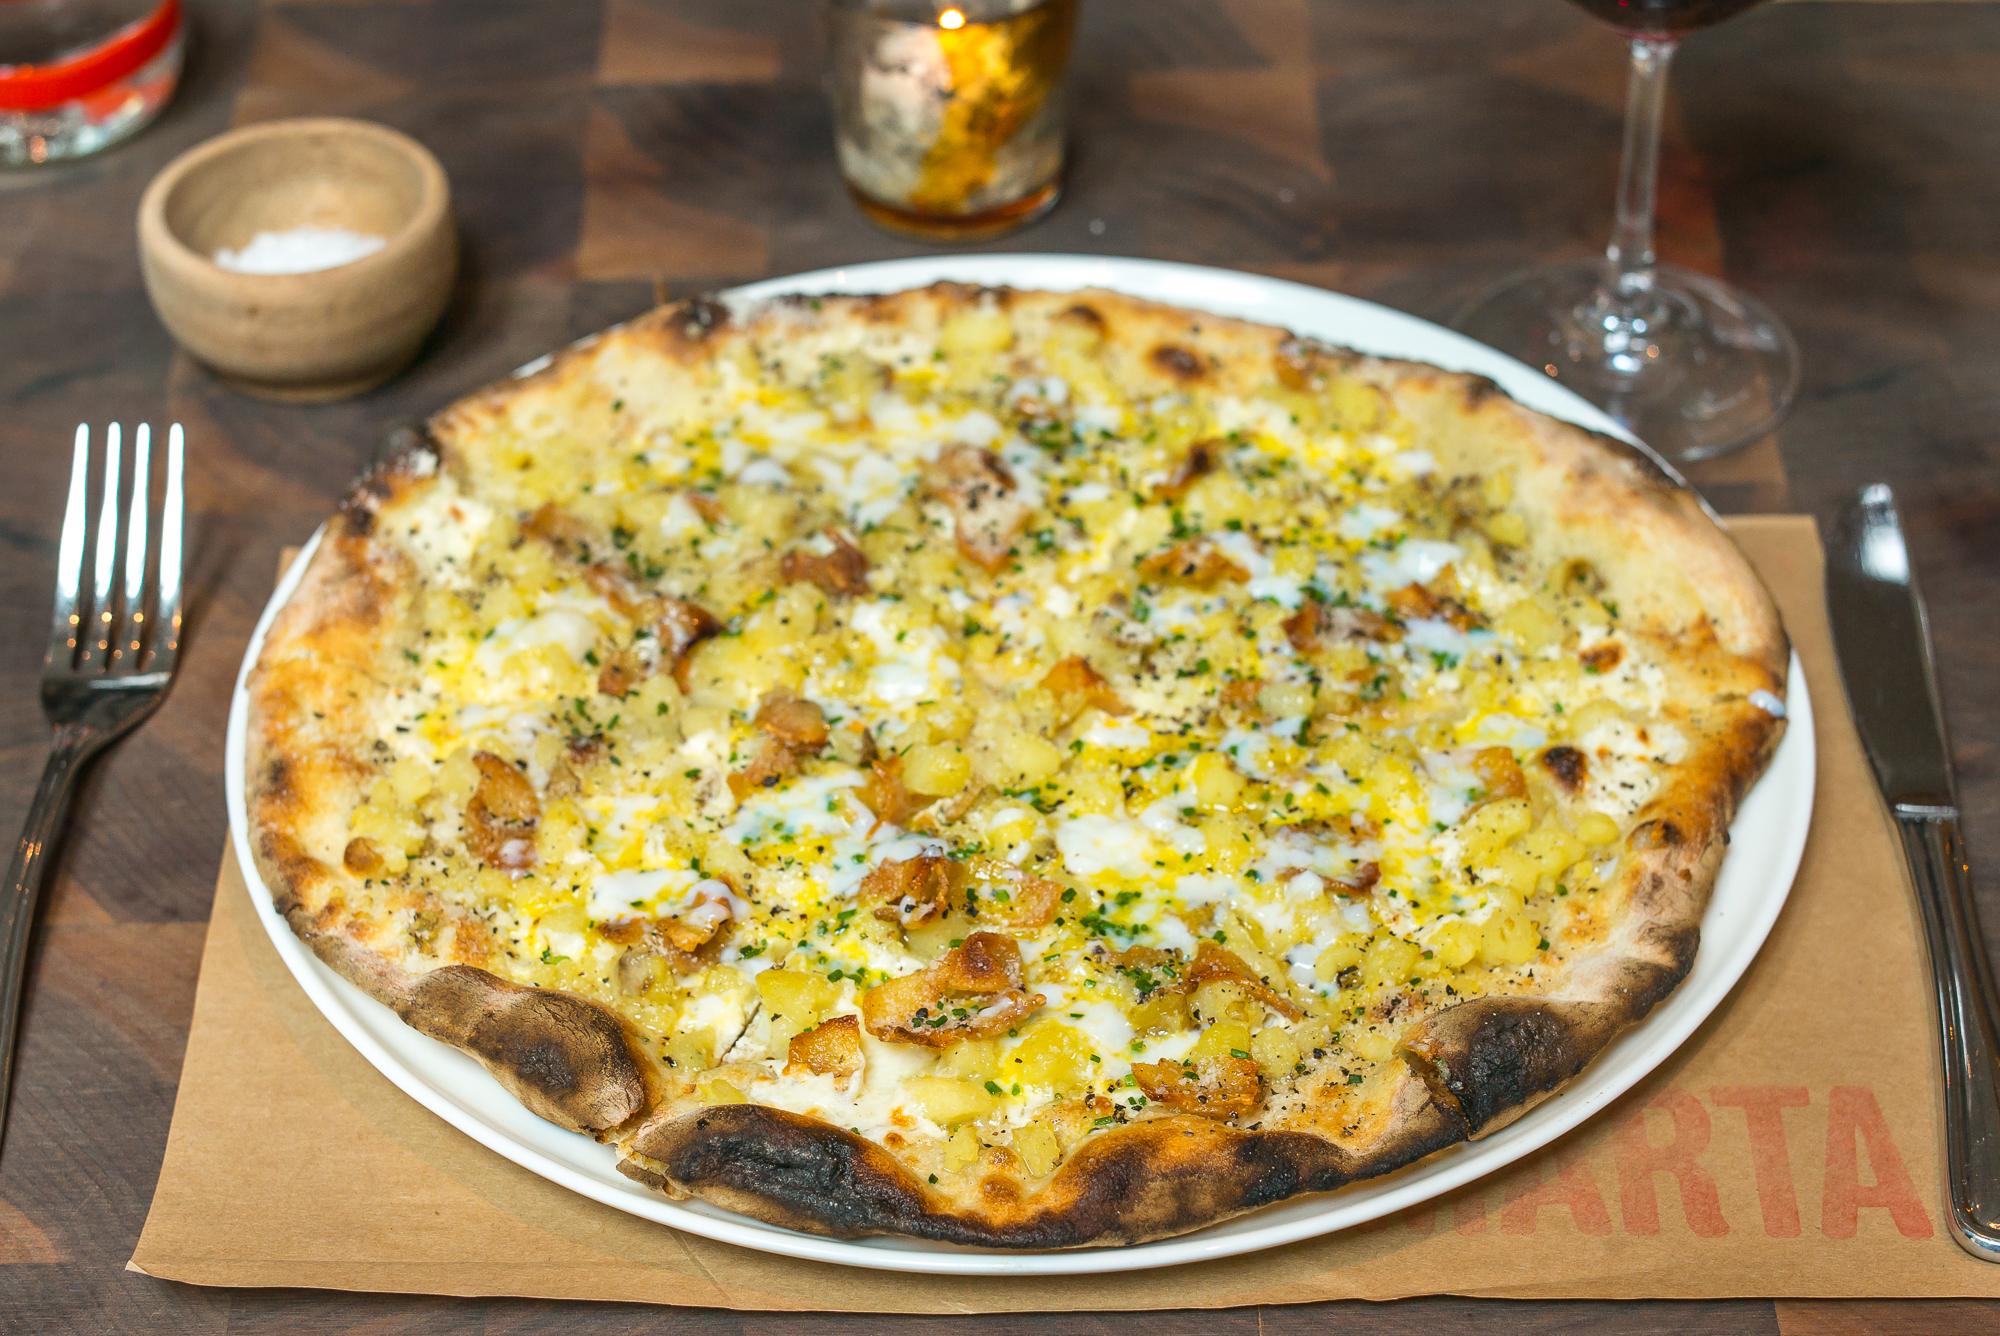 Carbonara pizza at Marta